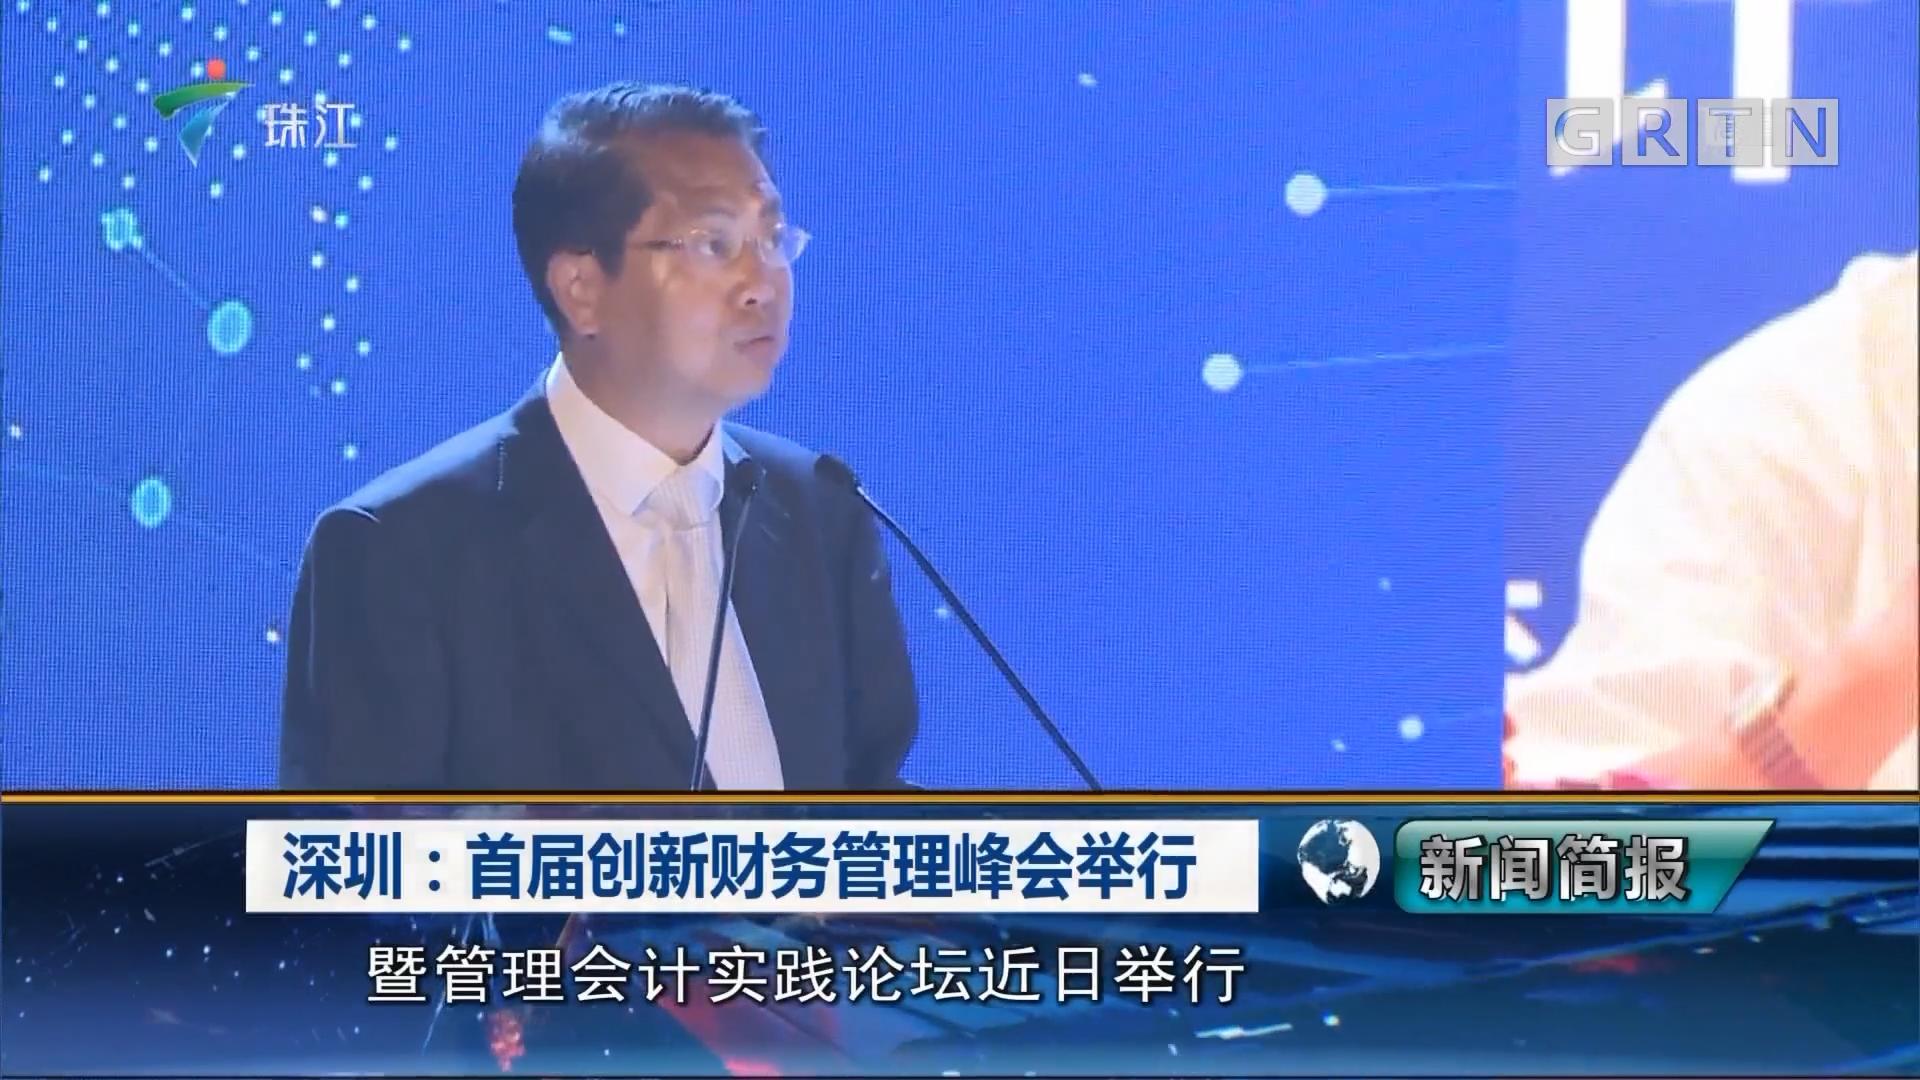 深圳:首届创新财务管理峰会举行